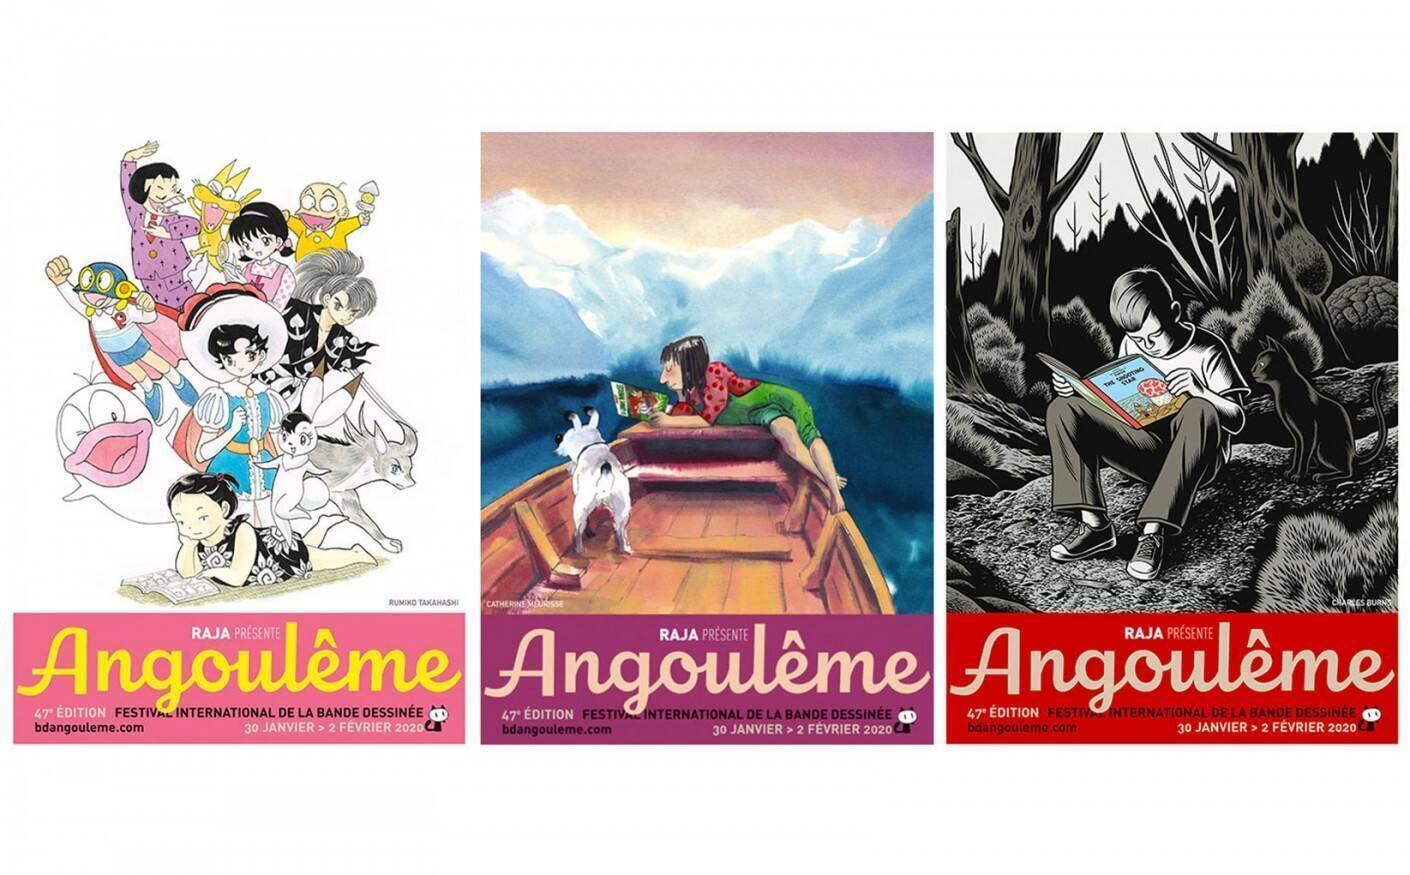 2020年1月30至2月2日第47届法国安古兰漫画节海报。